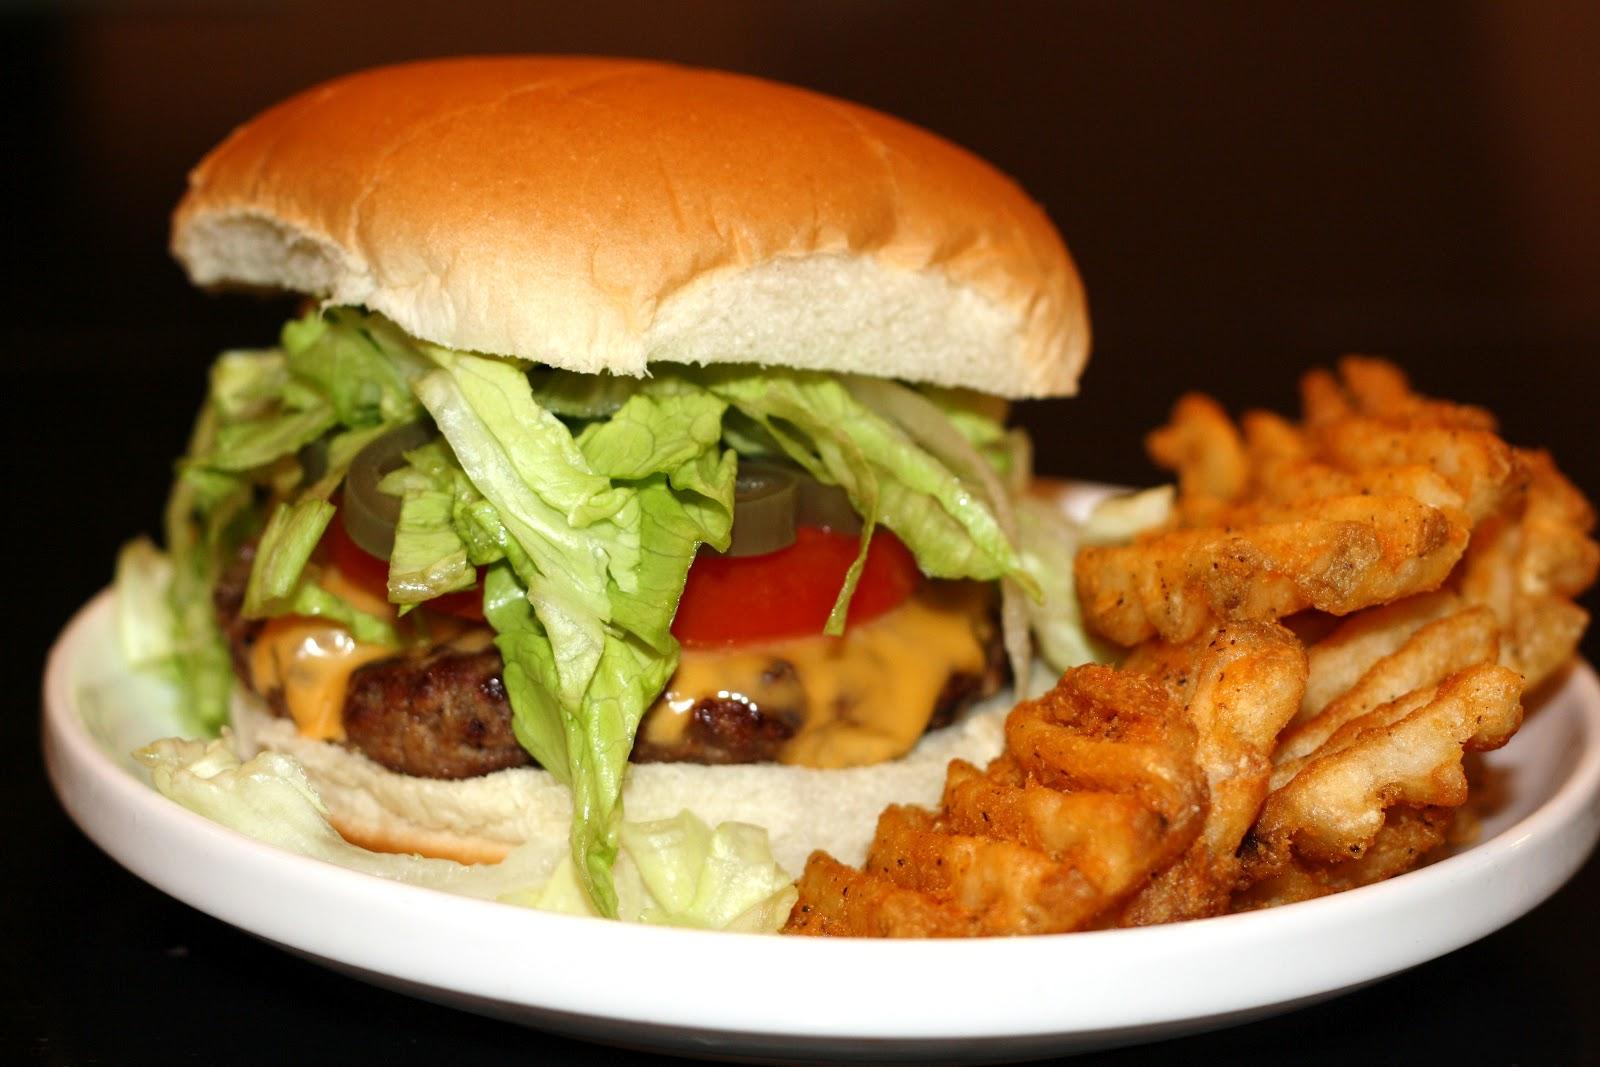 taco burgers... 20 minutes